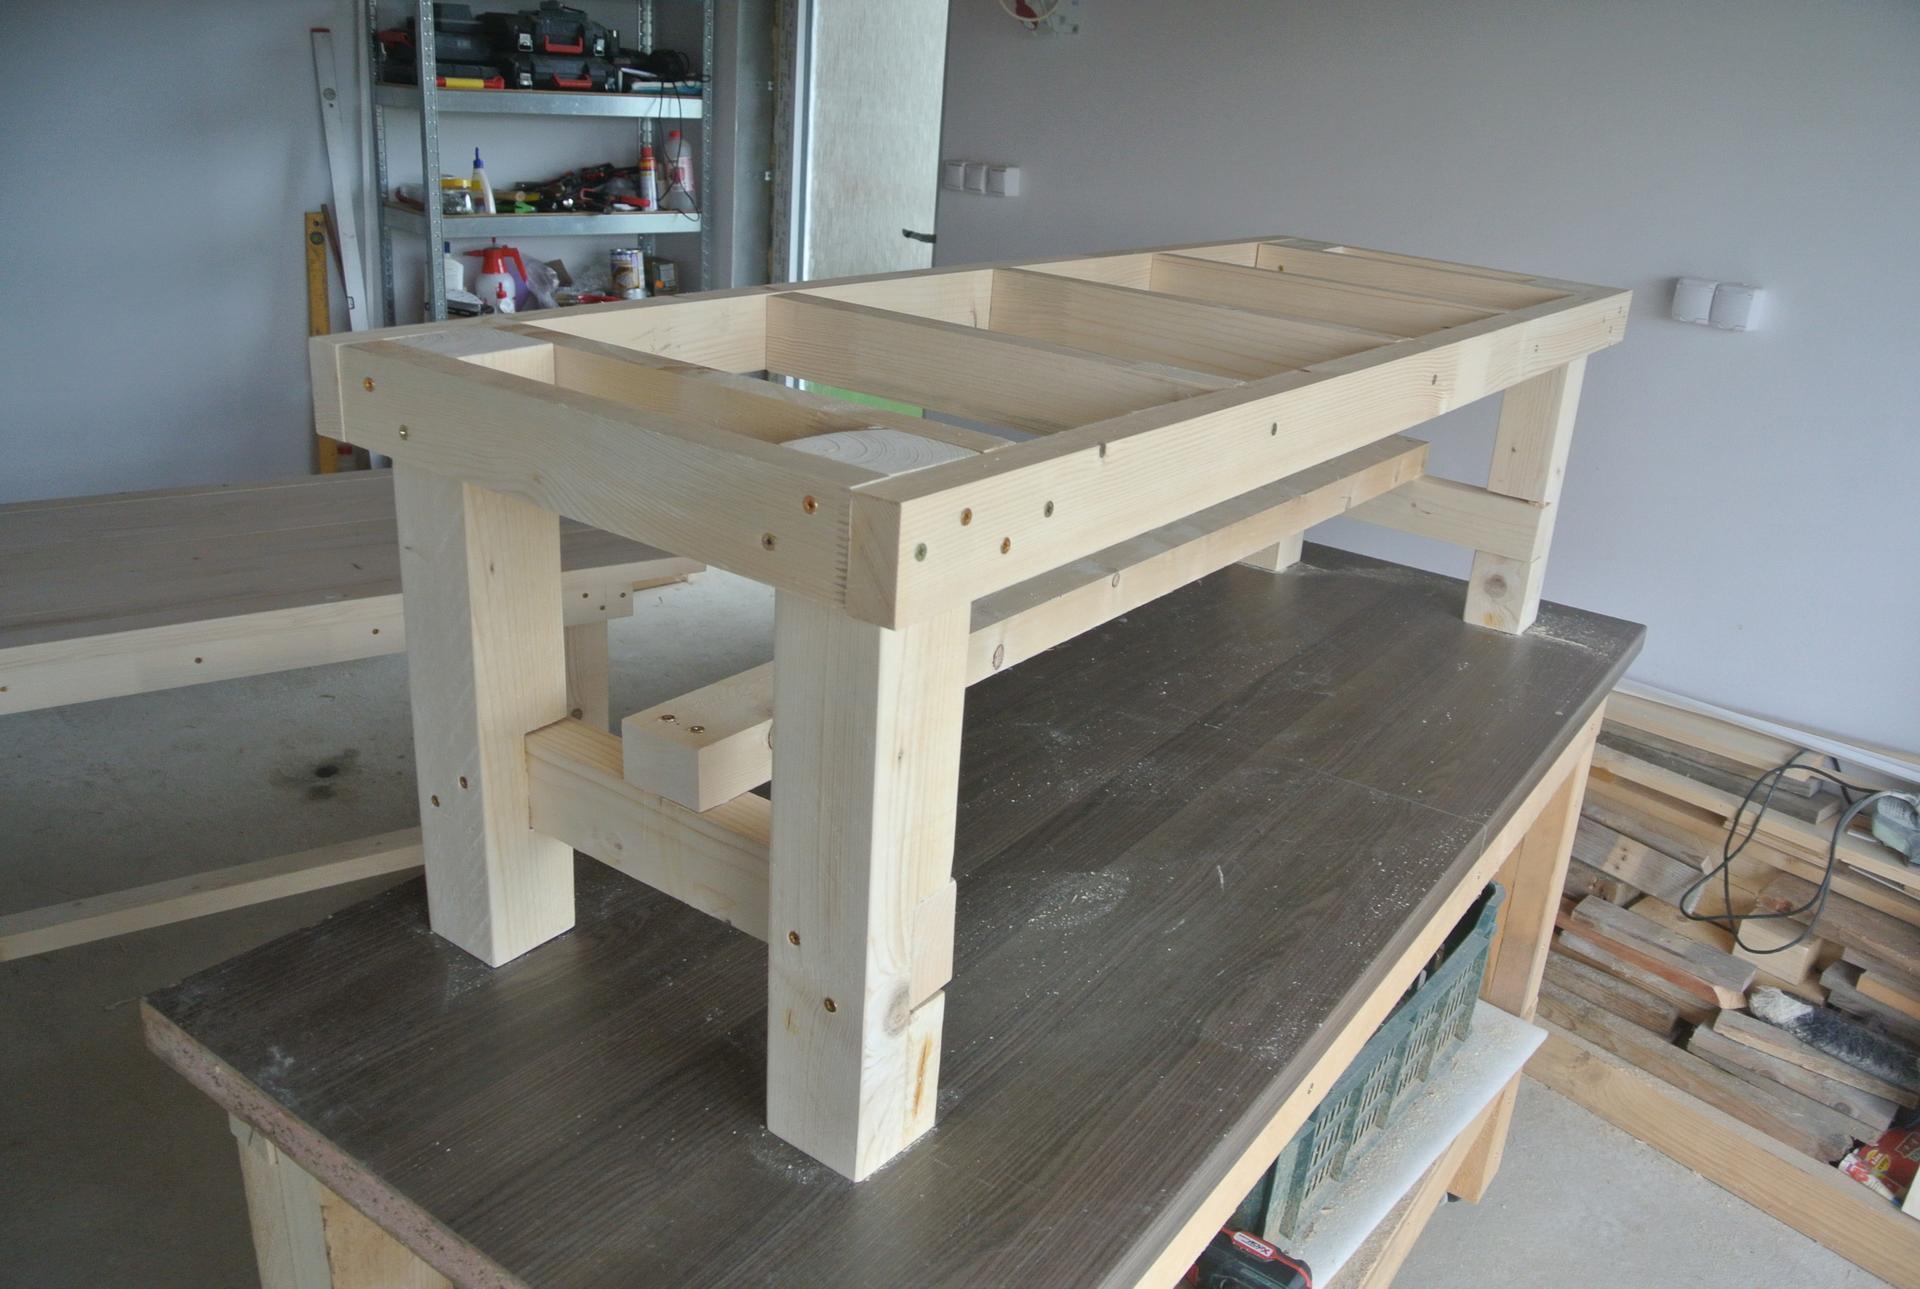 Moje tvorenie z dreva - Ešte vrchné dosky, vytmeliť, prebrúsiť a náter.